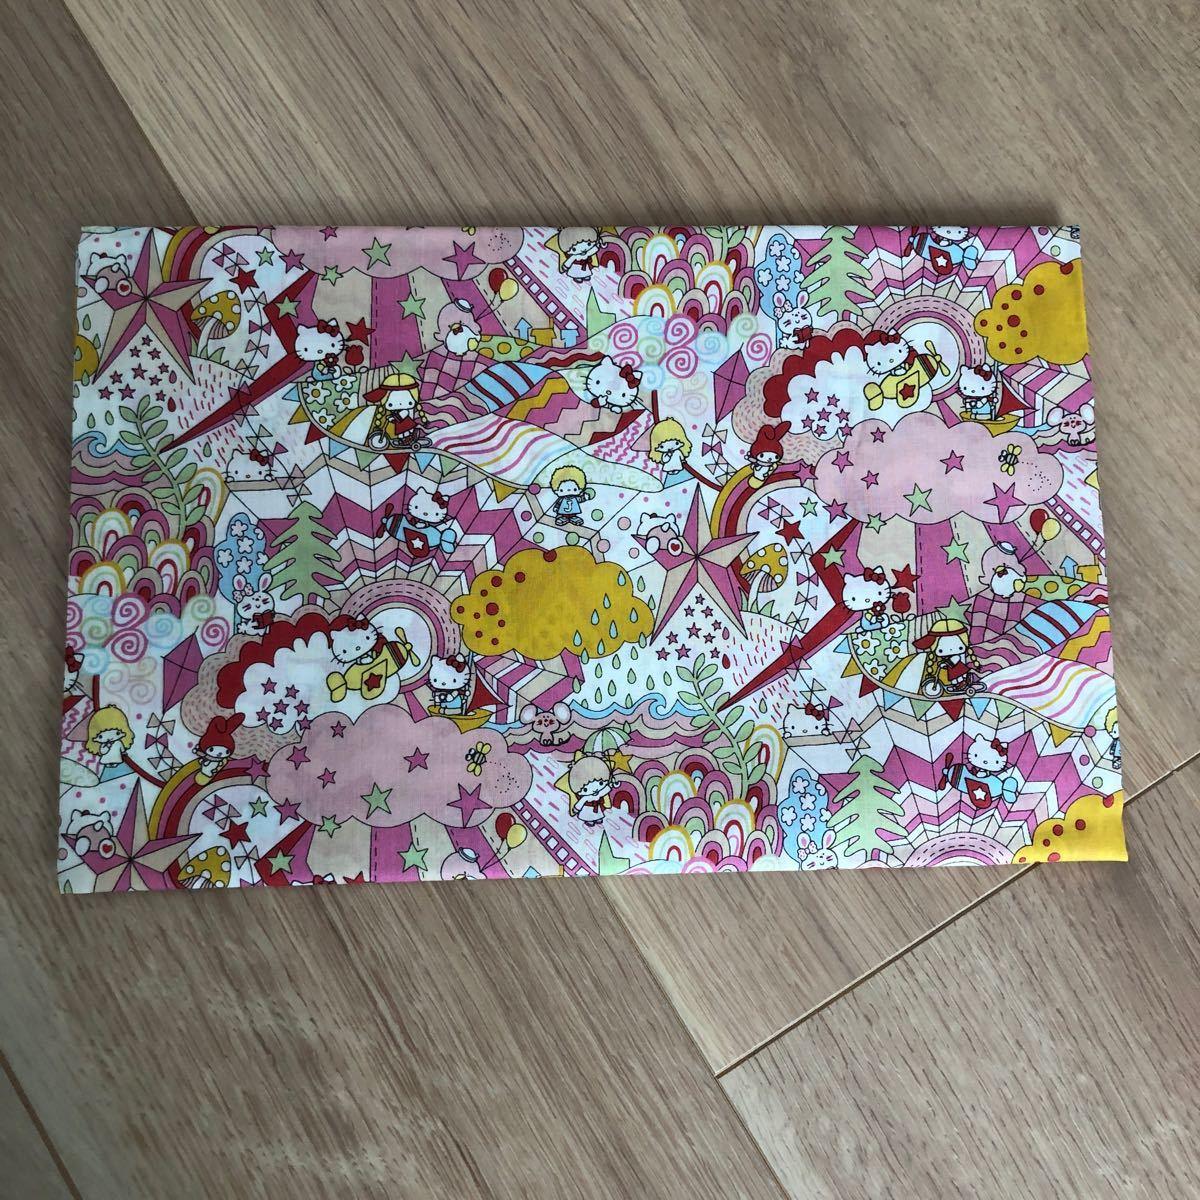 【生地幅x50cm】リバティ×キティ生地 マジカルランド ピンク系